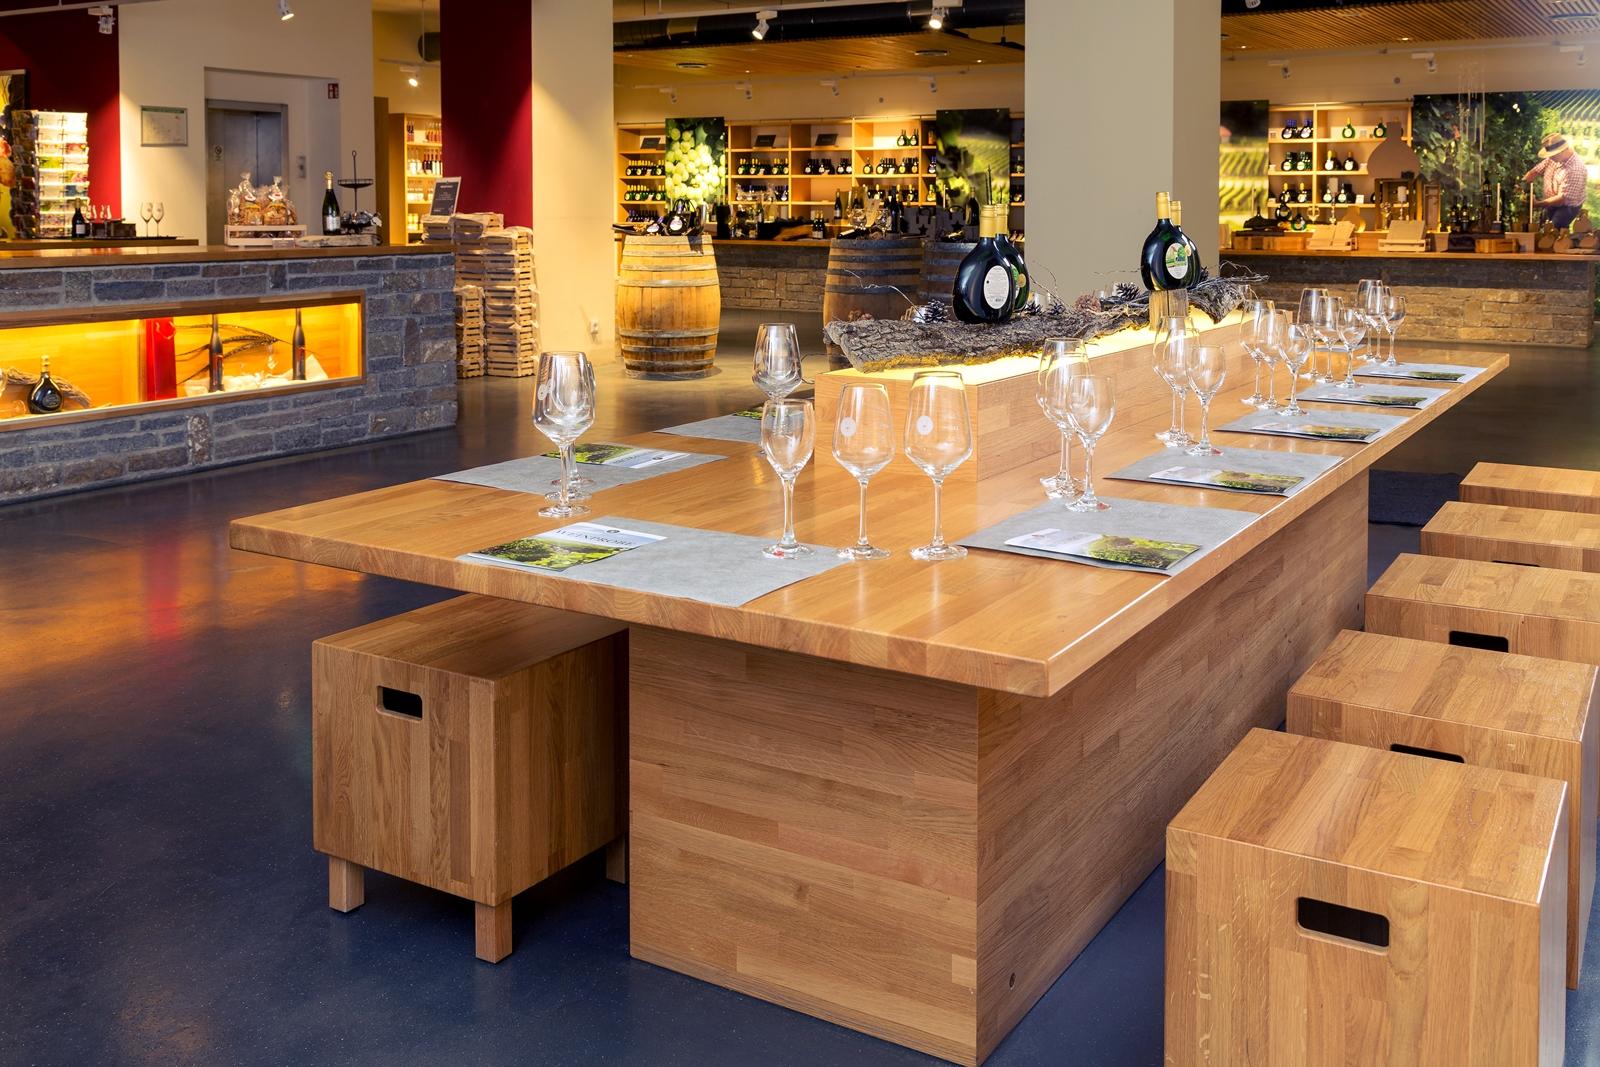 Ein gedeckter Tisch für Weinproben im Verkaufsraum der GWF FrankenVinothek.